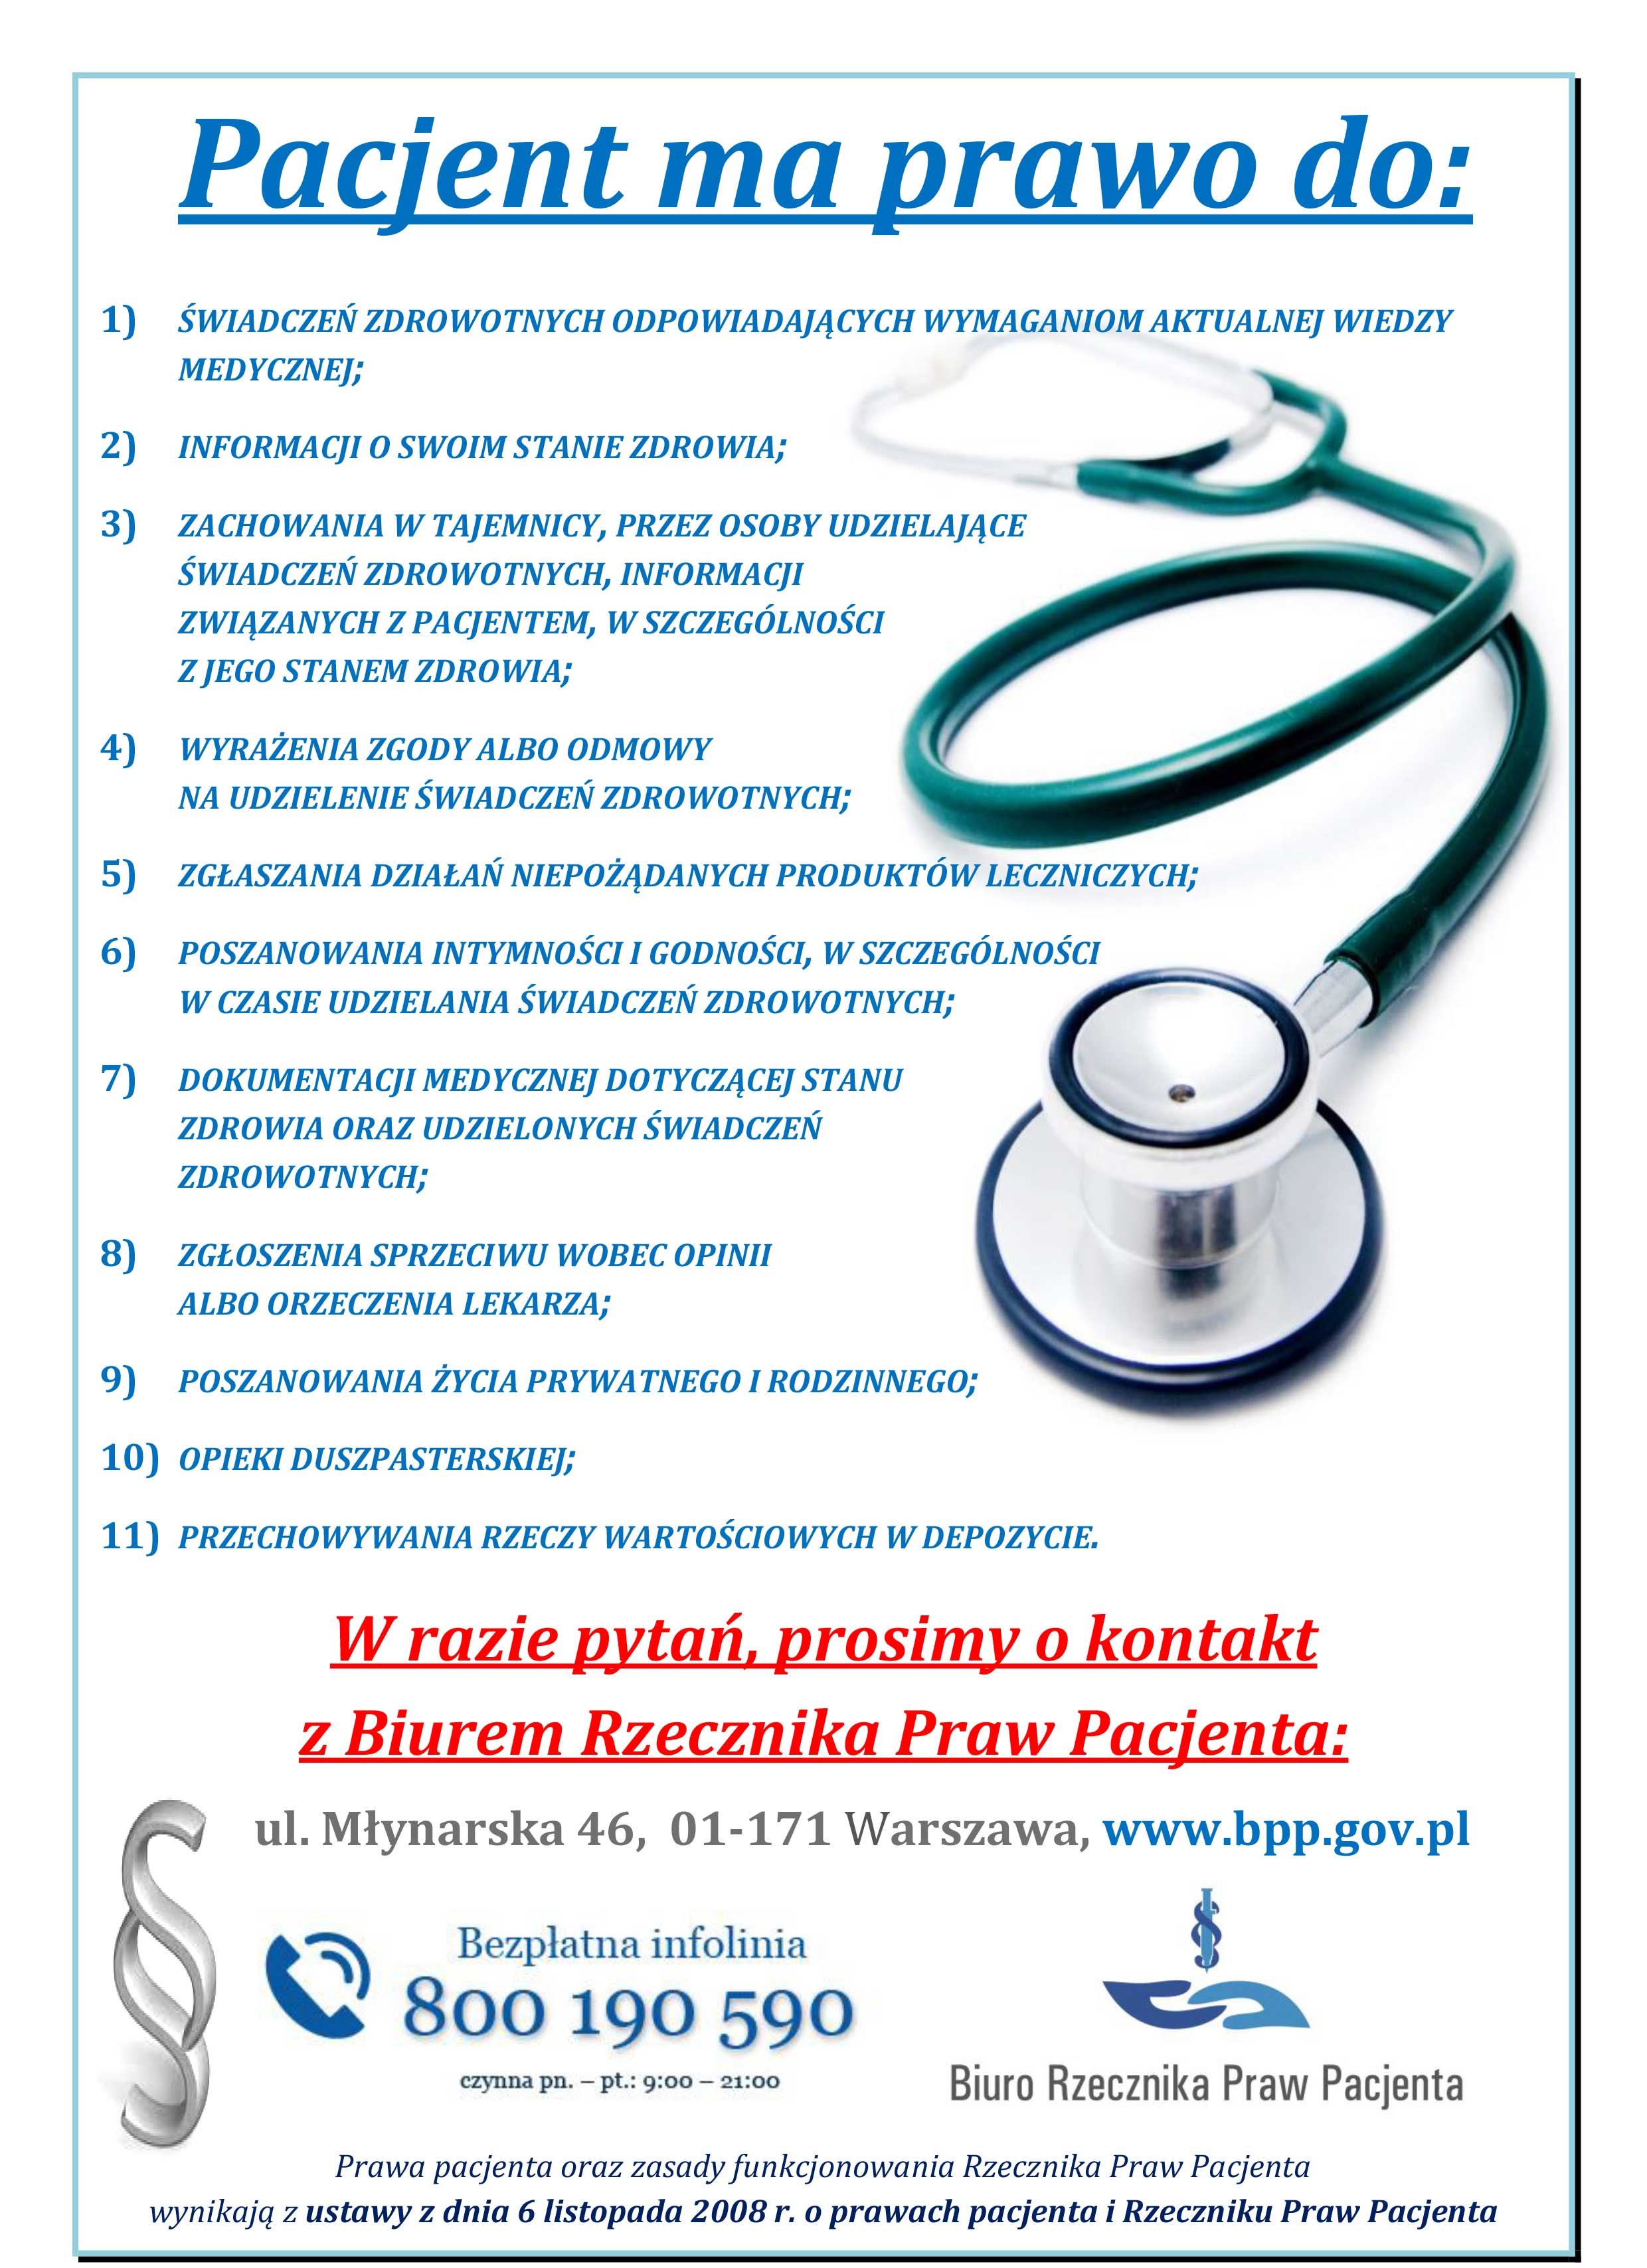 plakat_prawa_pacjenta